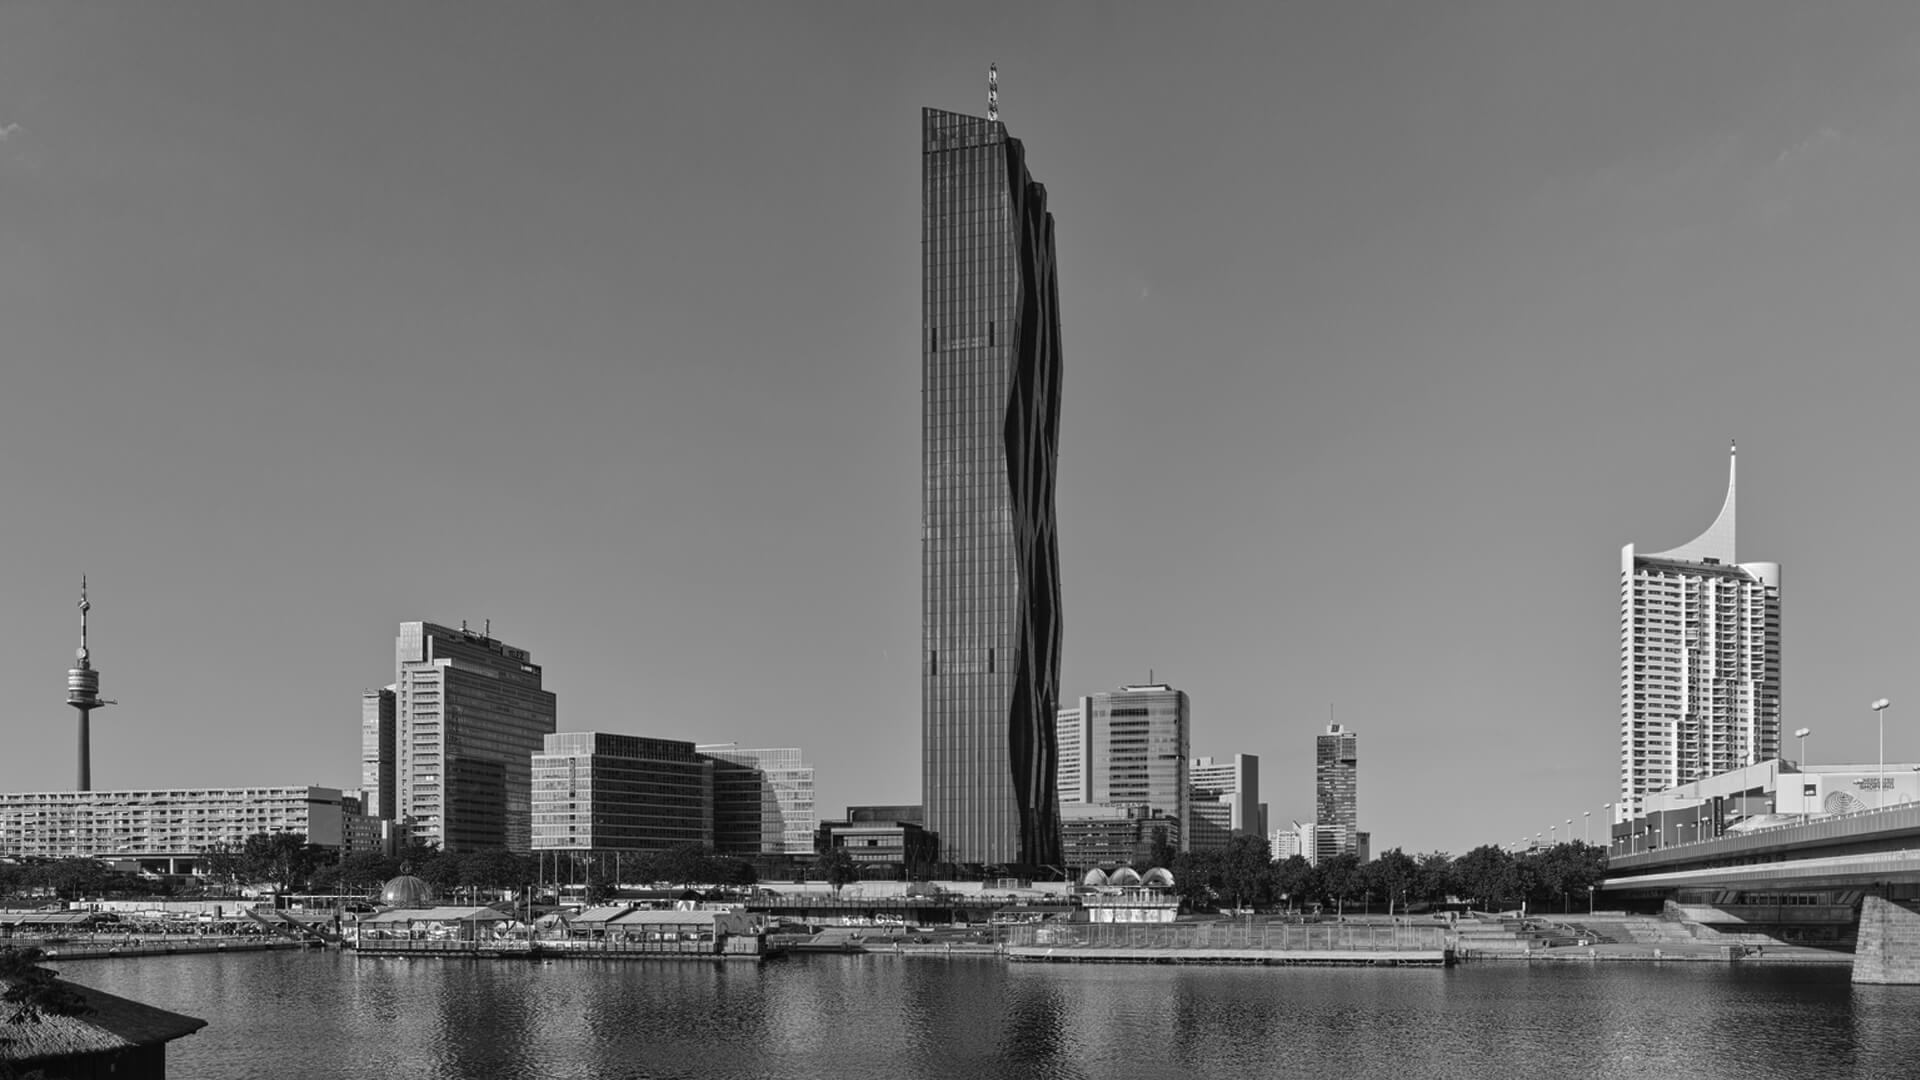 M&C 1220 Wien